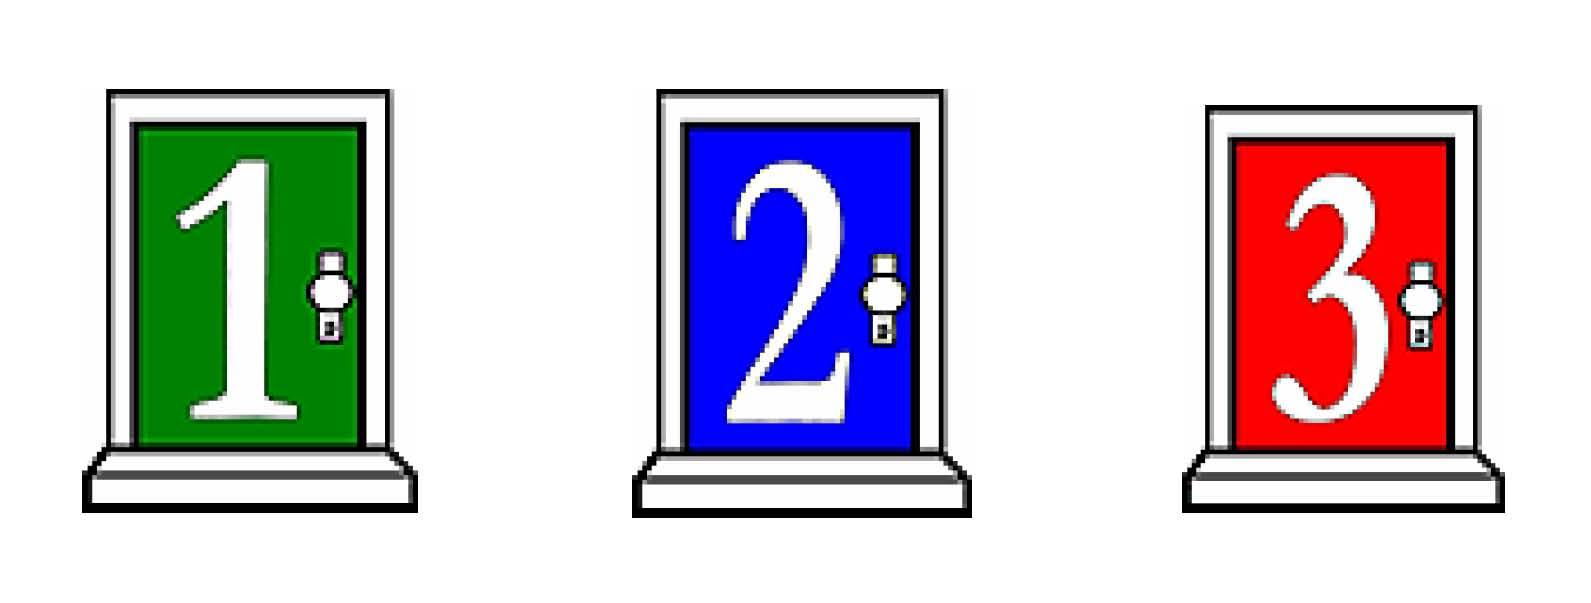 Door 1 clipart jpg black and white download What\'s Behind Door #3? | Teacher Professor jpg black and white download